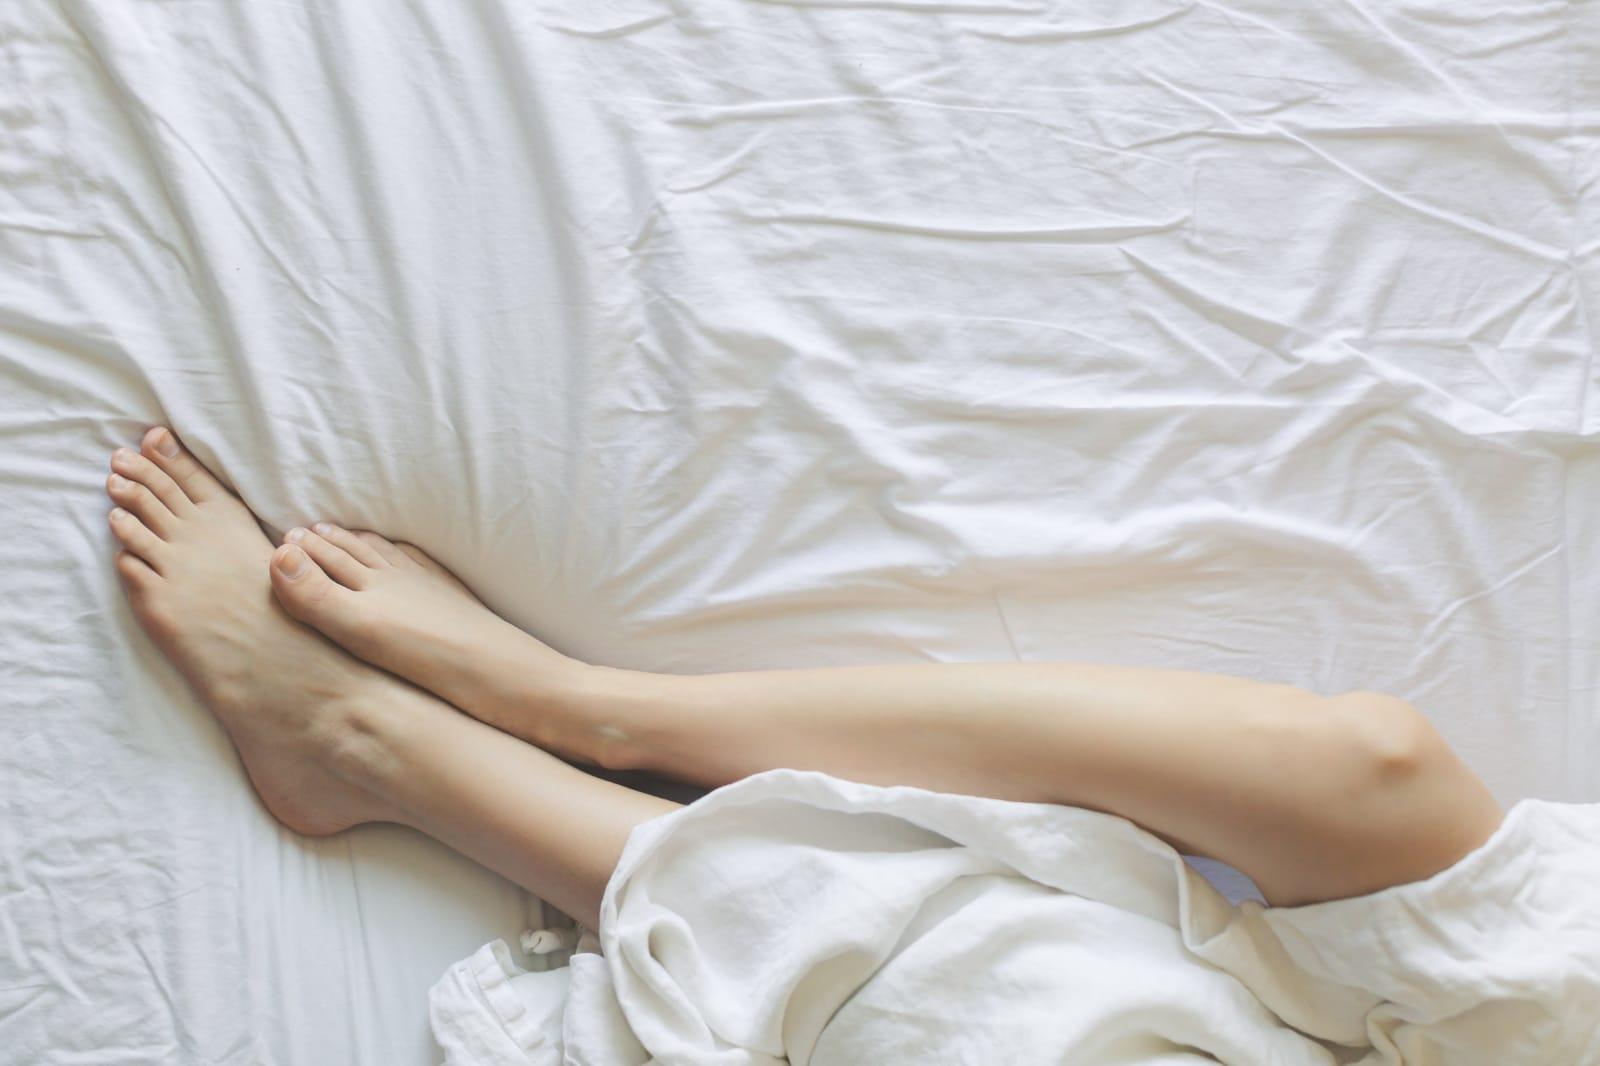 Merawat kecantikan kaki